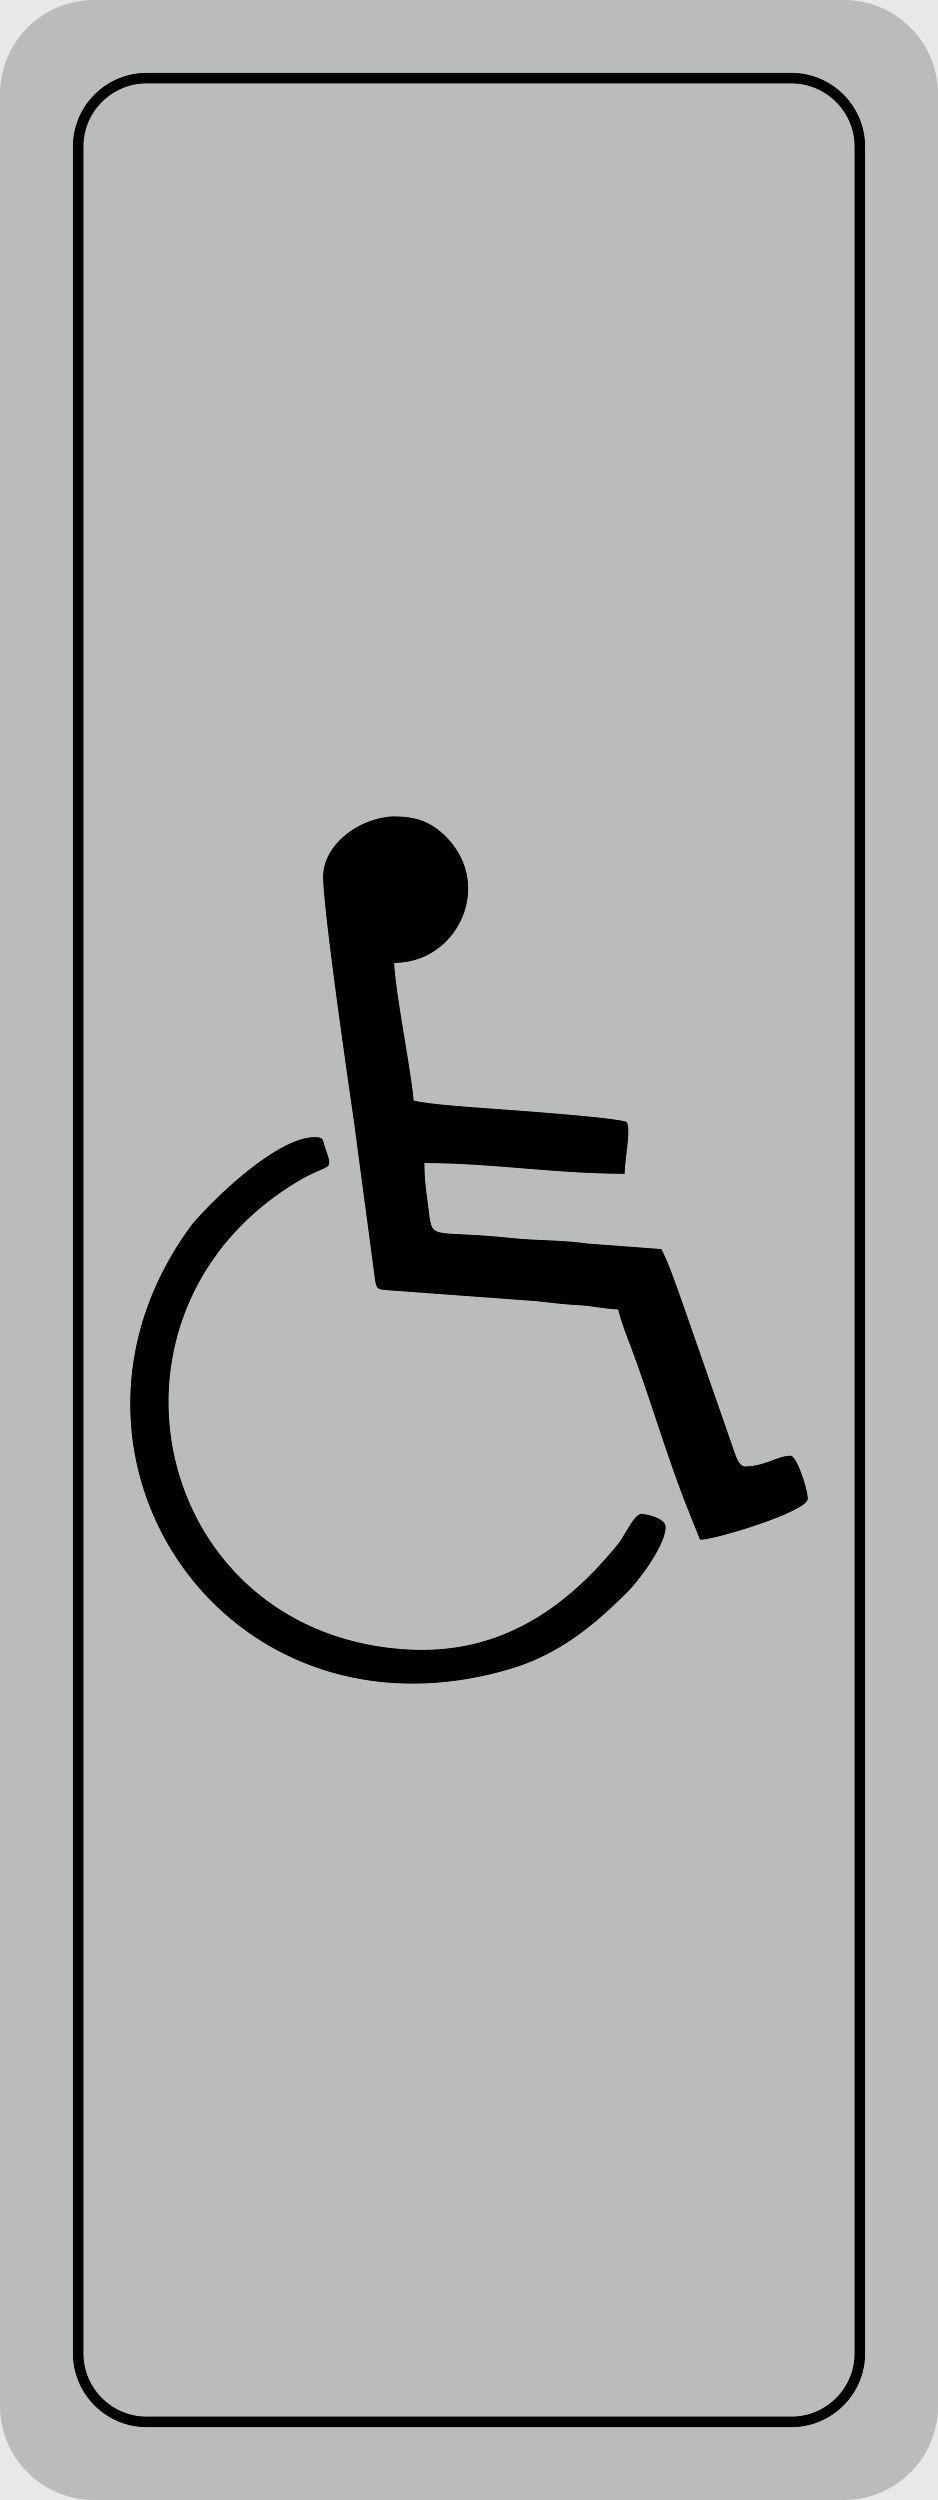 Türschild Behindertensymbol selbstklebend 120 x 45 mm – Bild 1